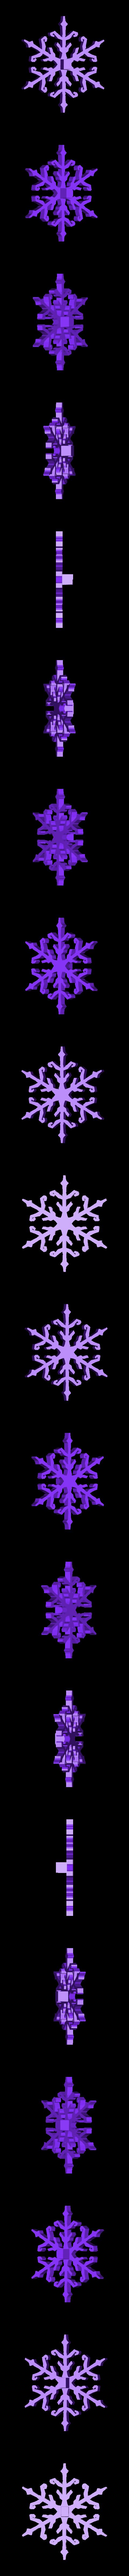 snowflake_simple.stl Télécharger fichier STL gratuit Ornement Mix and Match • Design imprimable en 3D, Girthnath